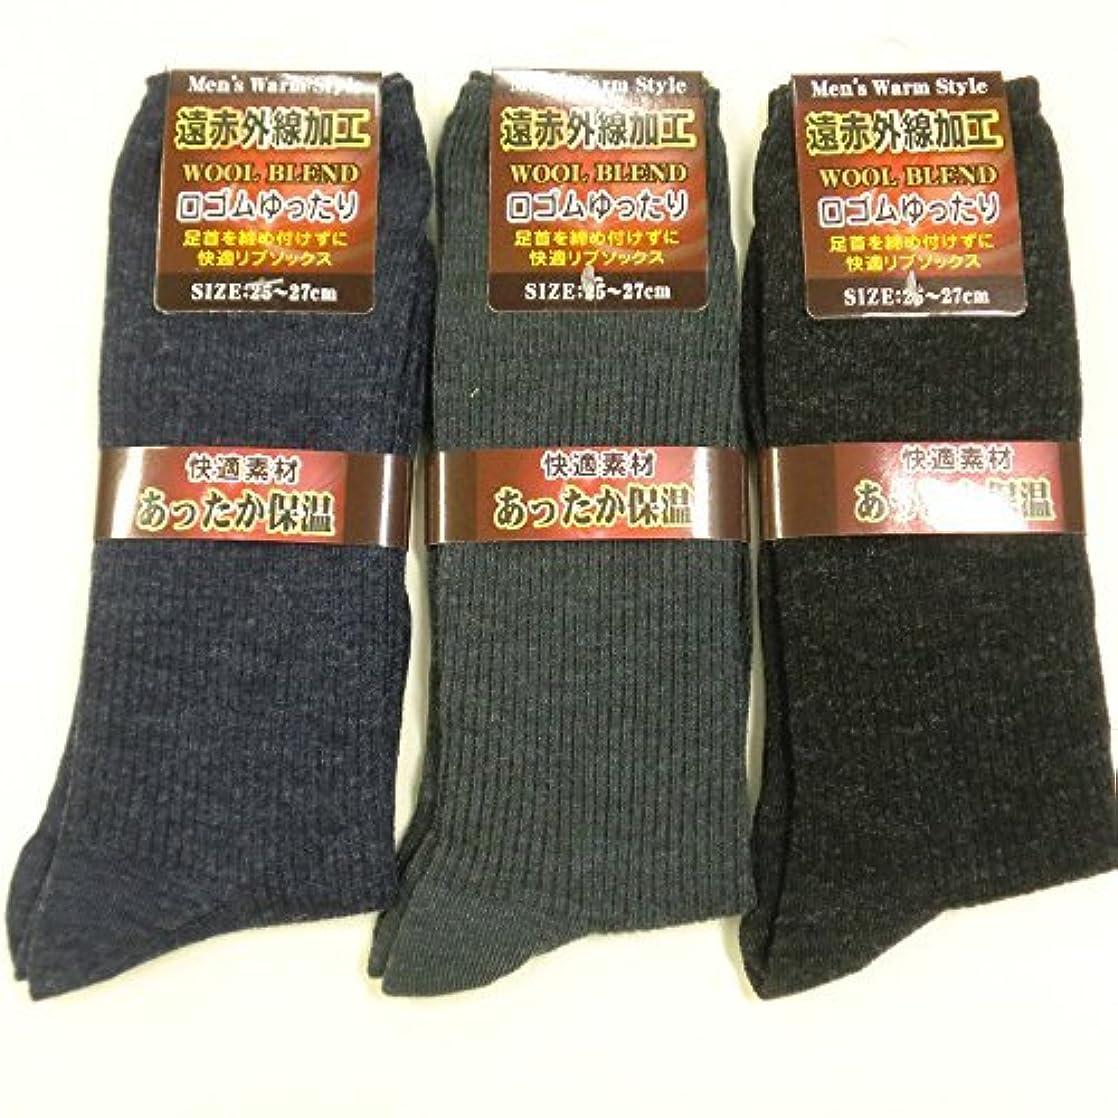 靴下 メンズ あったか保温 ビジネスソックス 毛混 遠赤外線加工 3足組 (色はお任せ)